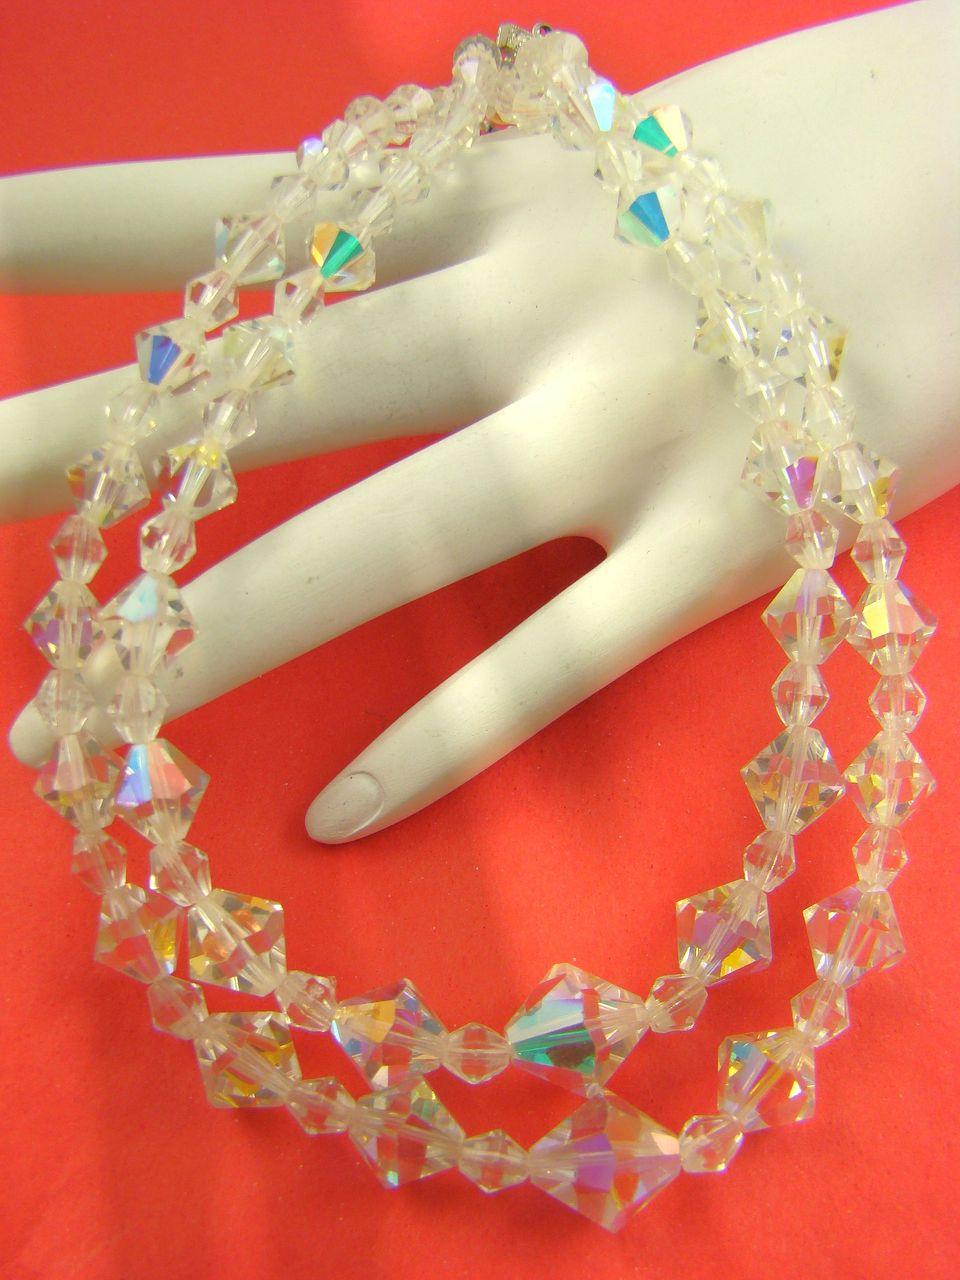 Sparkling Aurora Borealis Bicone Crystal Bead Necklace